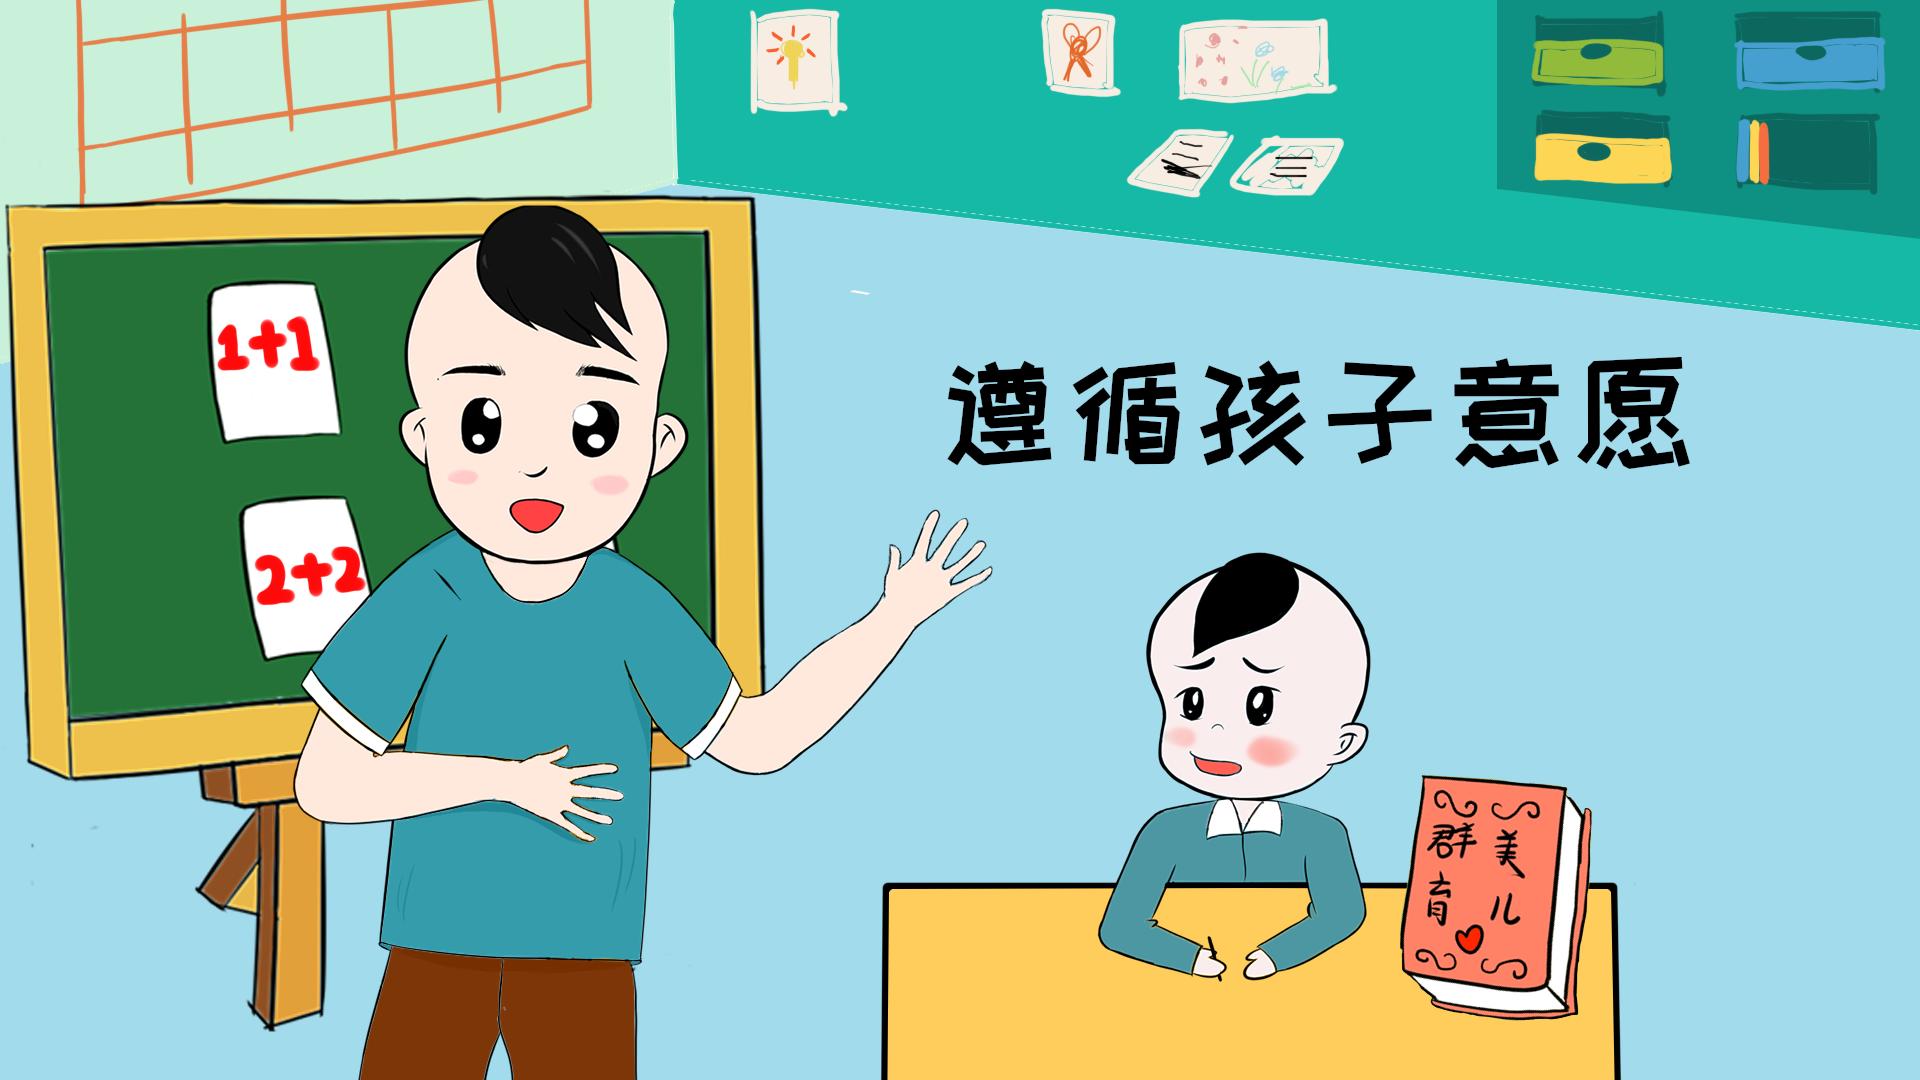 什么 穷养儿富养女 父母的错误解读,会耽误儿子一生